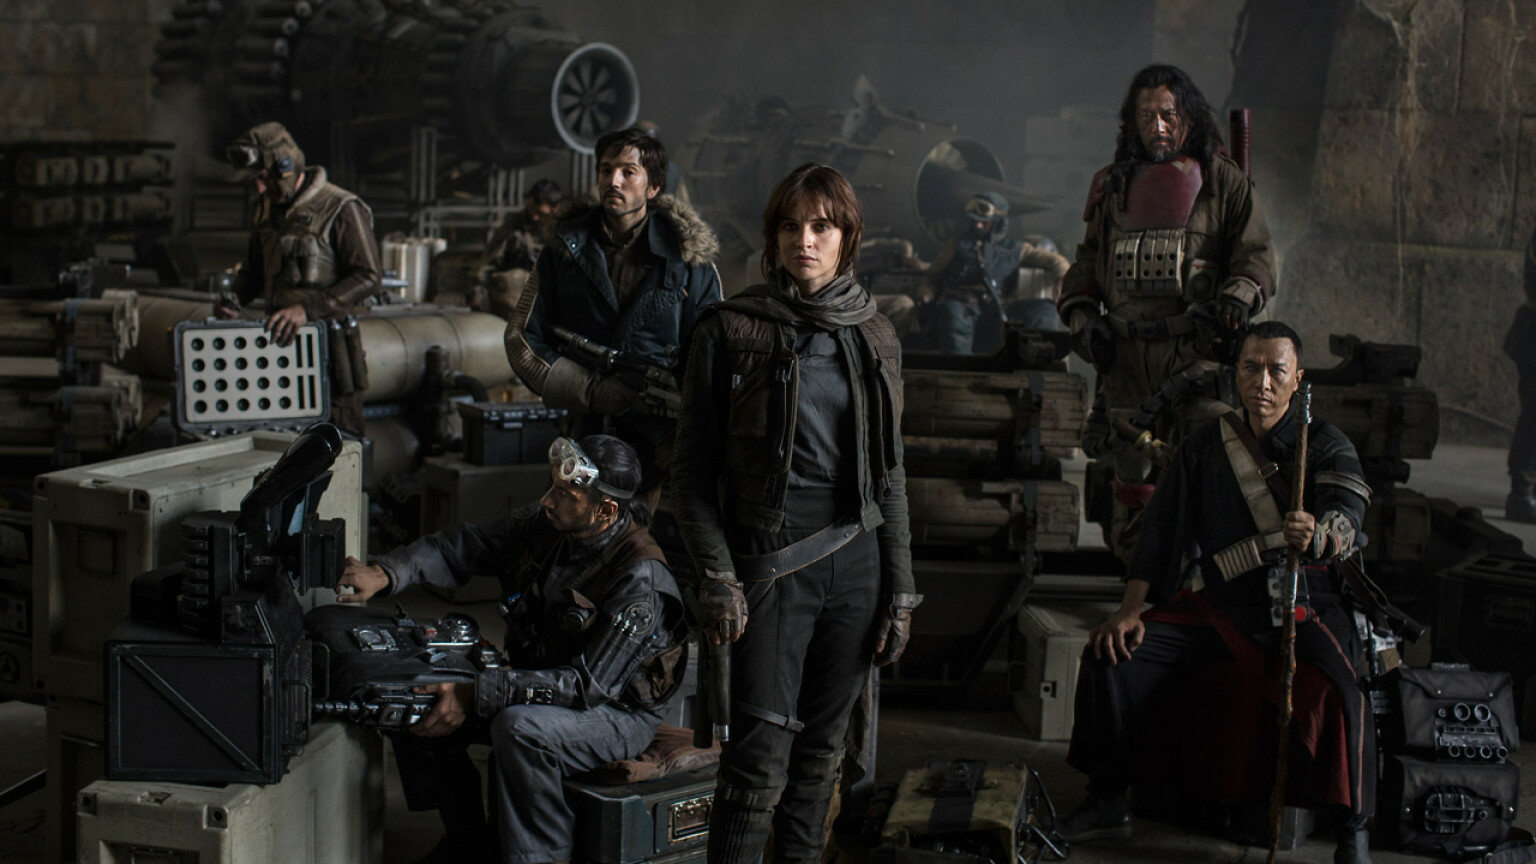 #7 Łotr 1 - Gwiezdne Wojny - historie, reż. Gareth Edwards (USA 2016) Łotr 1 – Disney pokazał, że decyzja o produkcji spin-offów Gwiezdnej Sagi mogła być doskonałym pomysłem. Gareth Edwards wykorzystał okazję i nakręcił film zupełnie inny od tego, co dotychczas znaliśmy w serii. Jednocześnie – chociażby za sprawą fajnych mrugnięć okiem do widza i gościnnych występów znanych bohaterów – nie sprawia on wrażenia odrębnego dzieła. To po prostu film wojenny w uniwersum Star Wars. Obraz mroczny, dojrzały, niejednoznaczny, chociażby dzięki odejściu od prostego podziału na bardzo, bardzo Dobrych i bardzo, bardzo Złych. Nie brakuje tu znakomitego humoru, jednak wydźwięk całości, mimo przebijającej tu i ówdzie nadziei, jest dość ponury. Łotr 1 to trzymająca w napięciu, wizualnie obłędna (prawdopodobnie najlepsza kosmiczna bitwa do tej pory), wzruszająca opowieść o przyjaźni, zaufaniu i poświęceniu w imię wyznawanych wartości. Film Edwardsa stanowi też rewers Epizodu IV, na który już nigdy nie będę patrzeć w taki sam sposób. I może właśnie za to – wzbogacenie Nowej nadziei – należą się największe brawa. [Jędrzej Dudkiewicz]